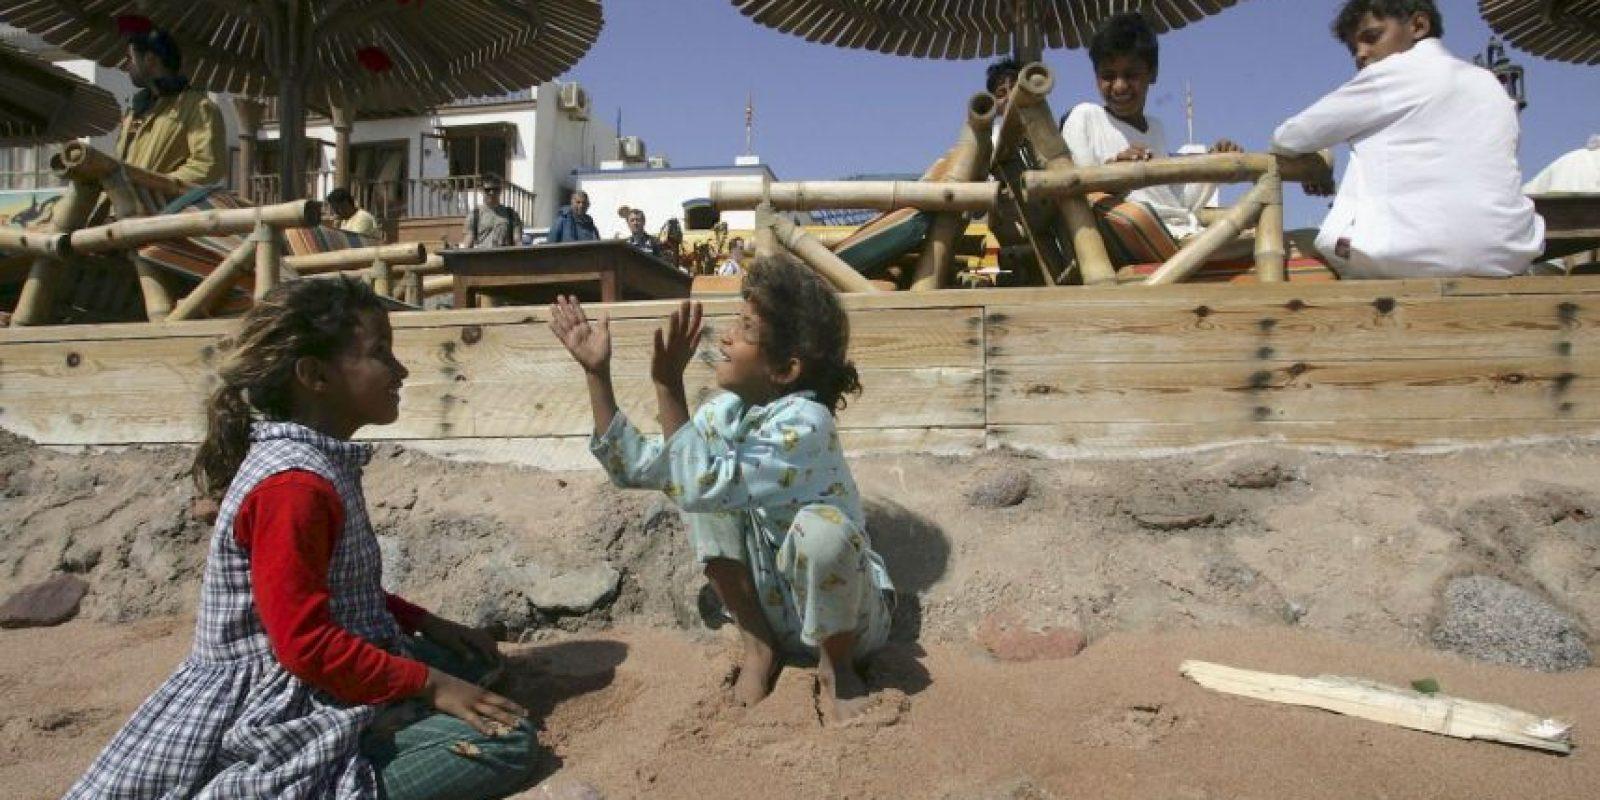 Un 11% de las niñas contraen matrimonio antes de cumplir 15 años Foto:Getty Images